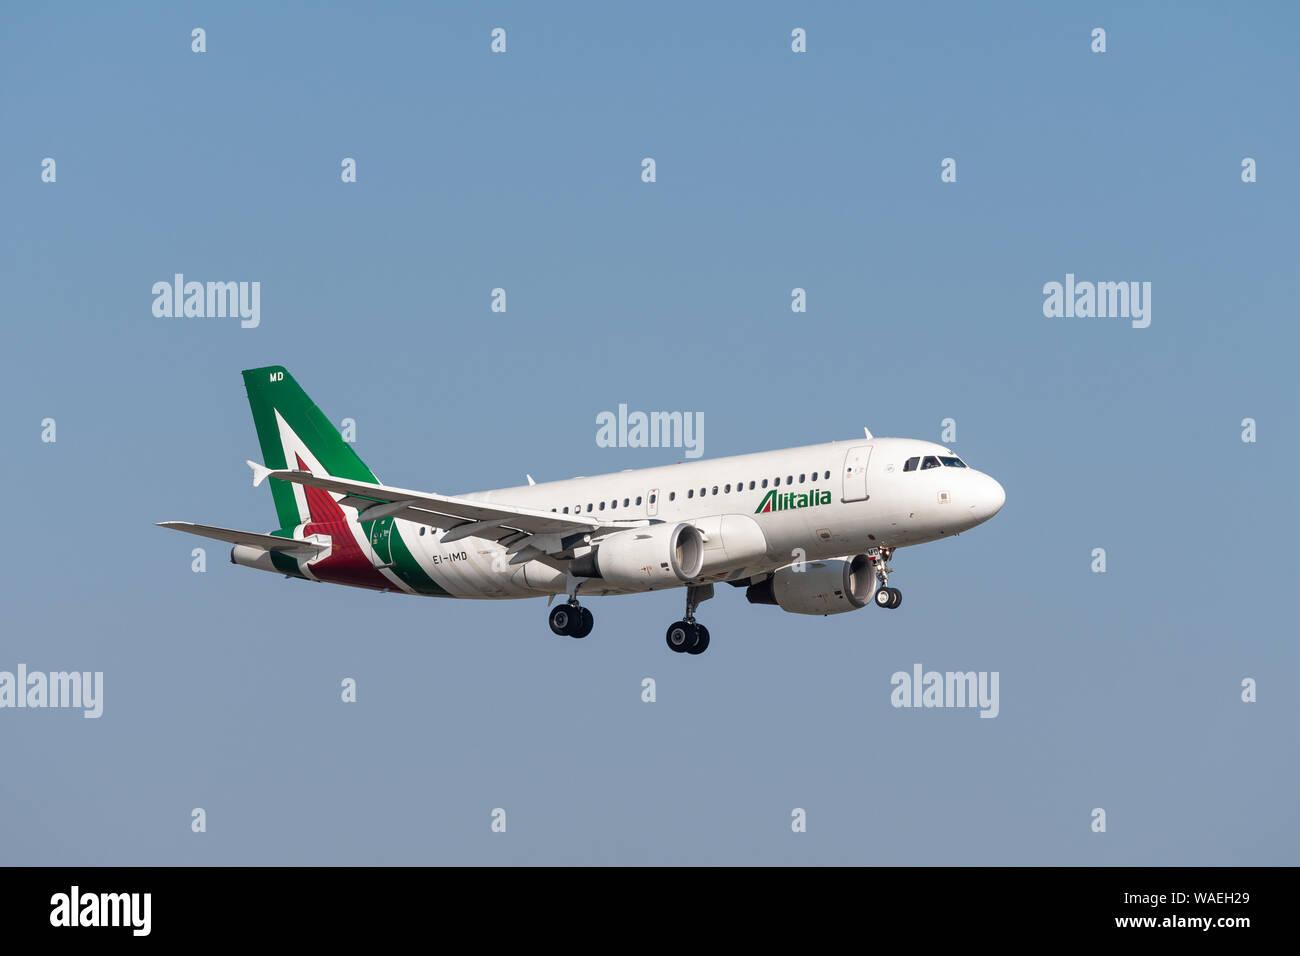 Munich, Alemania - 31 de marzo. 2019: Airbus A319-112 Alitalia con la aeronave matrícula EI-IMD en el enfoque hacia el sur de la pista 08R del Mu Foto de stock